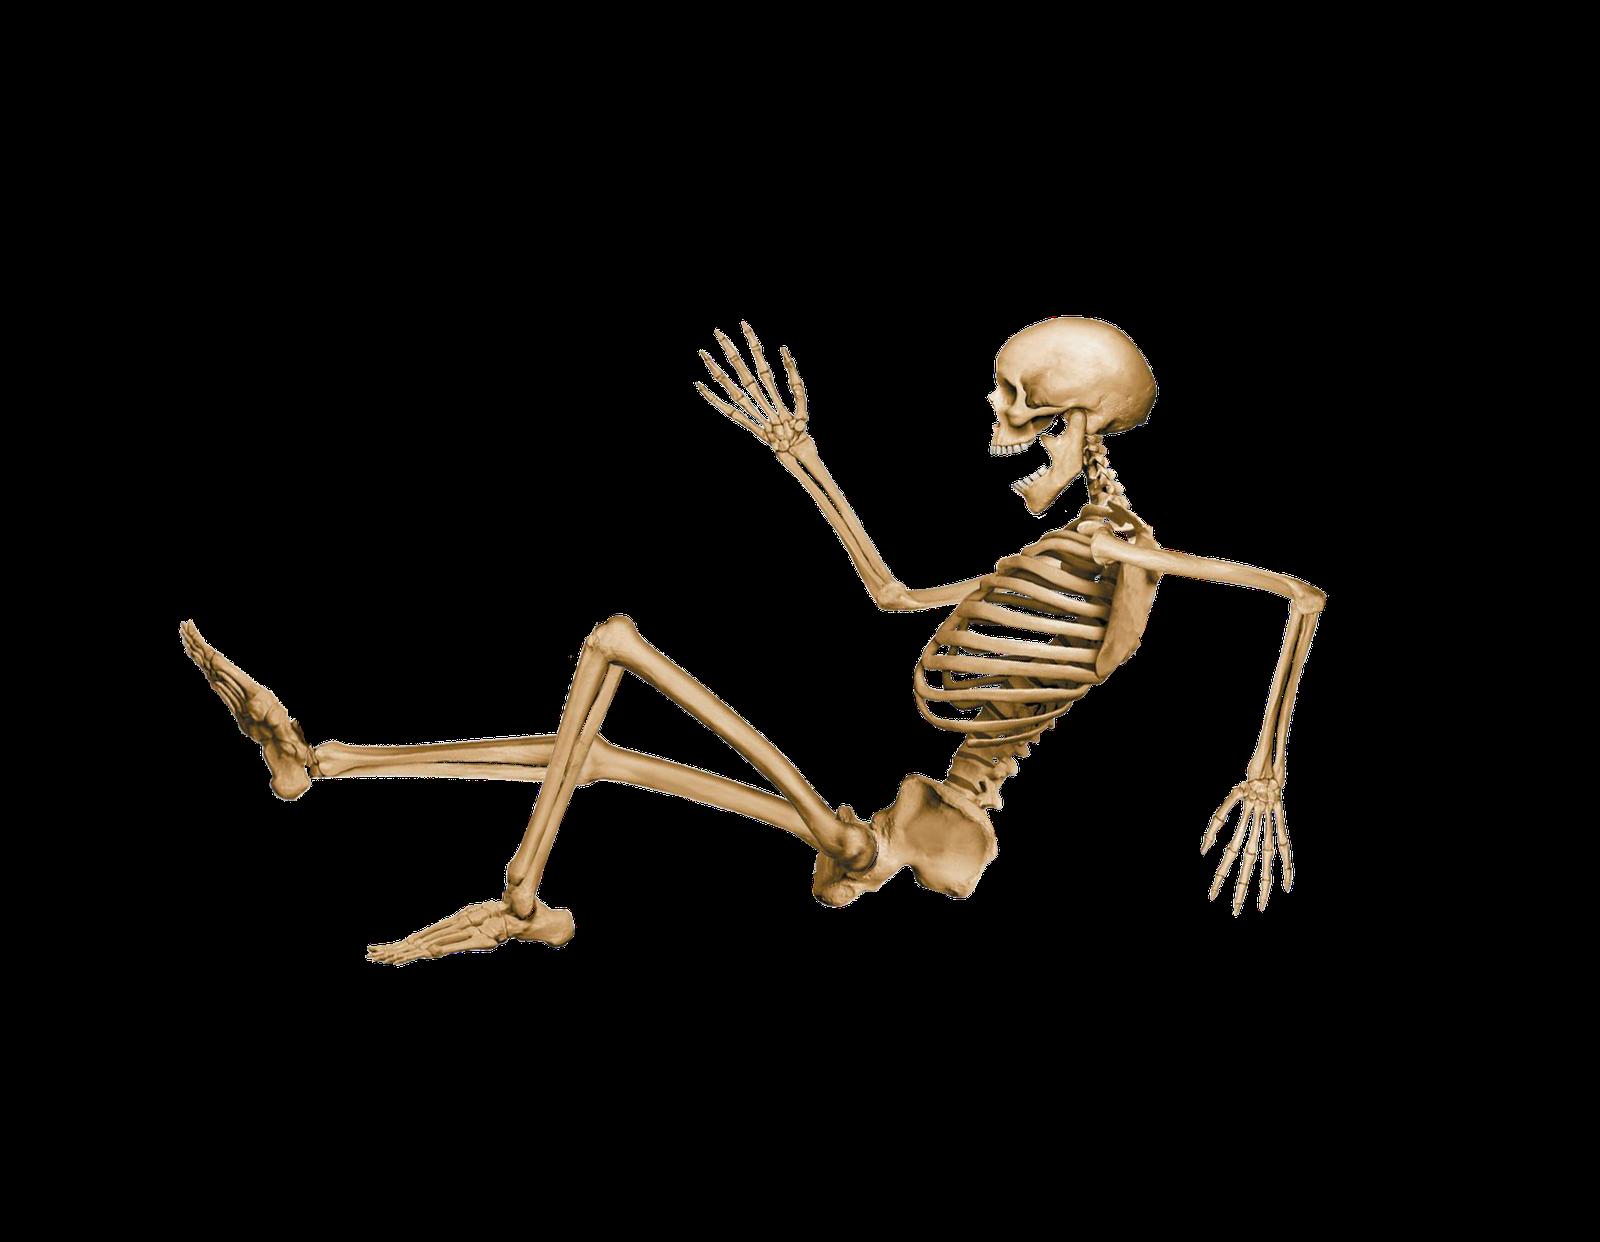 skeleton sitting down - google search | human anatomy (photo, Skeleton